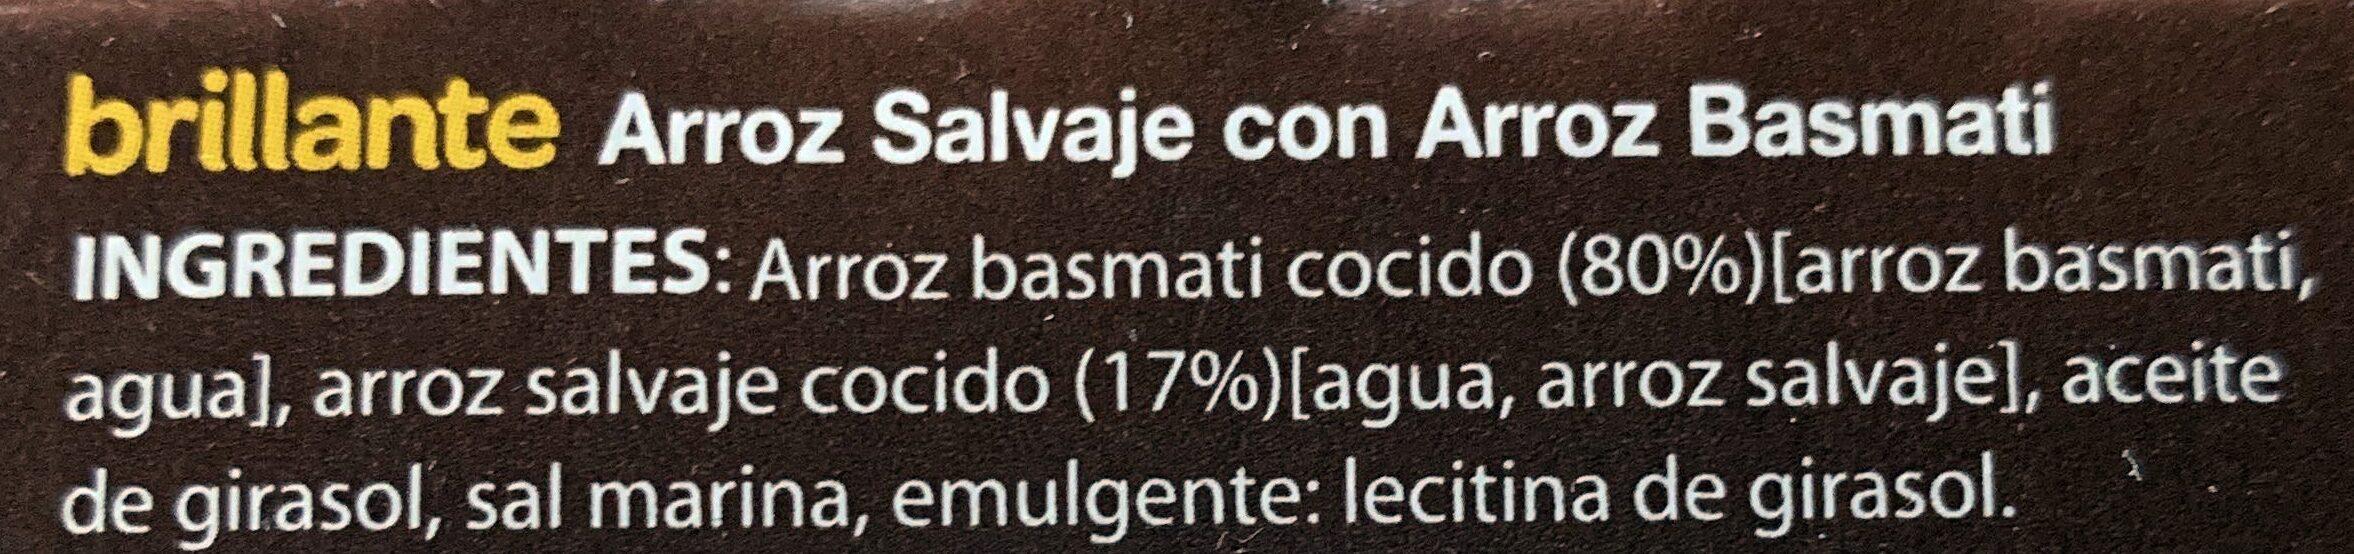 Arroz salvaje con arroz basmati - Ingredients - es